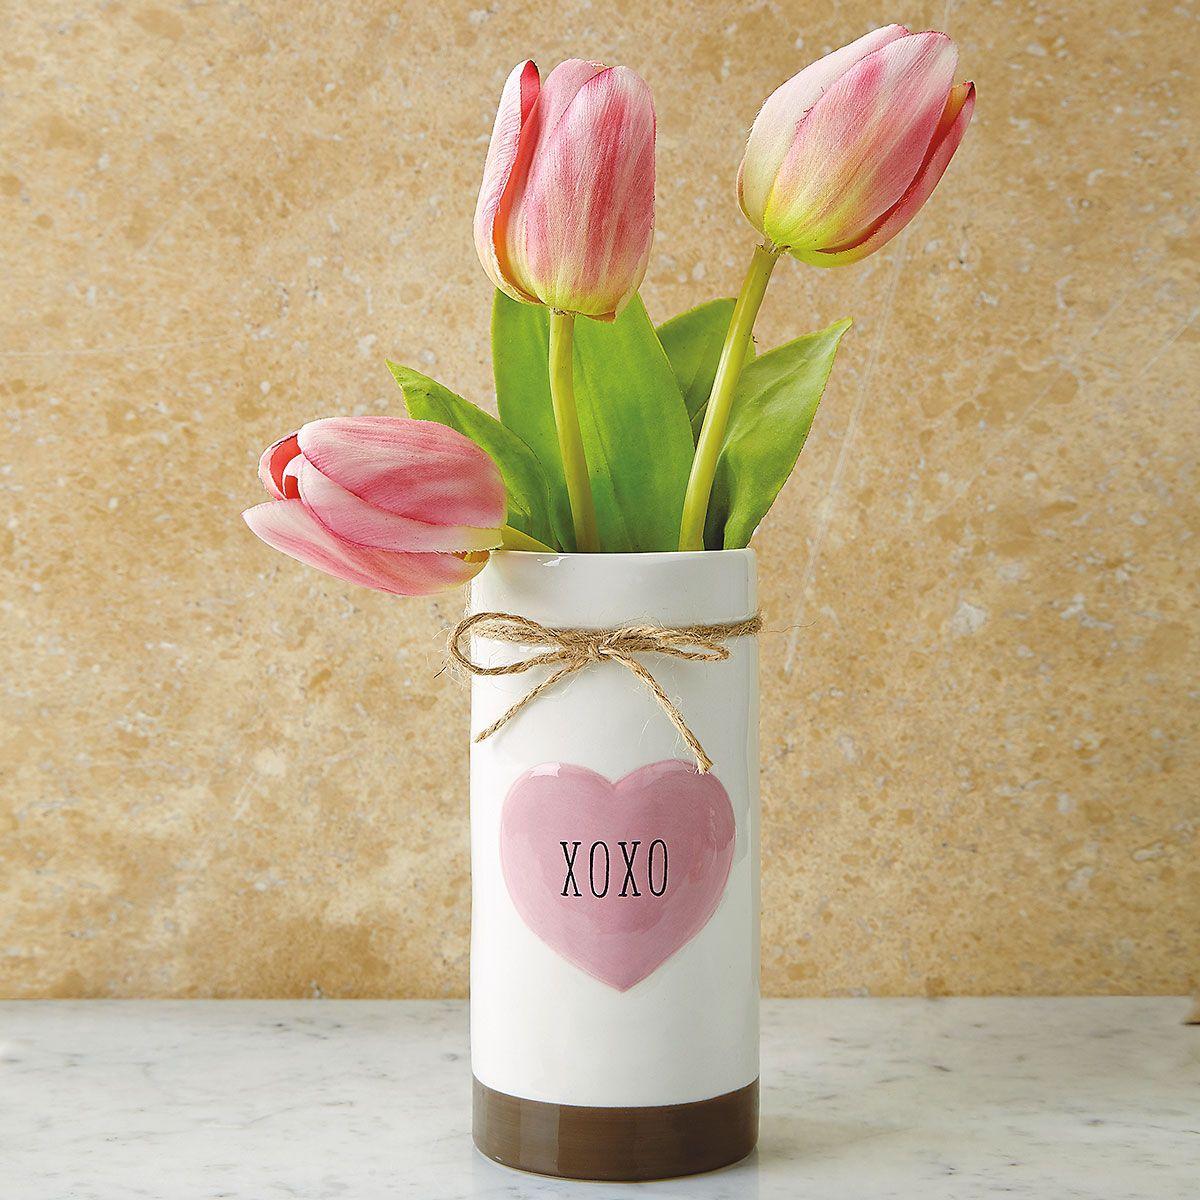 XOXO Heart Vase